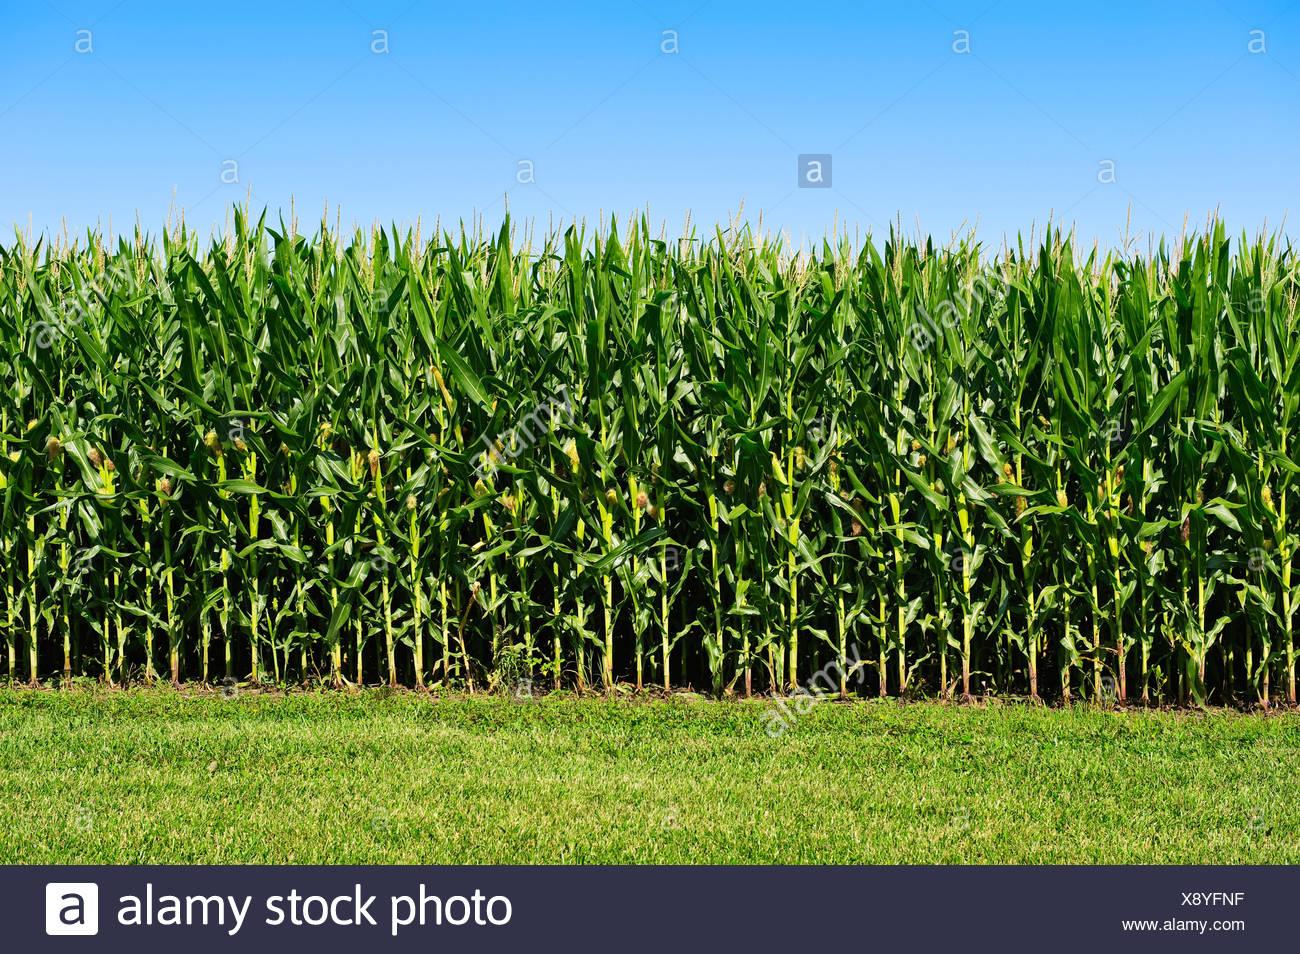 Landwirtschaft - Seitenansicht eines Standes der Mitte Wachstum Körnermais, tasseled voll mit der Entwicklung von Ohren / Iowa, USA. Stockbild